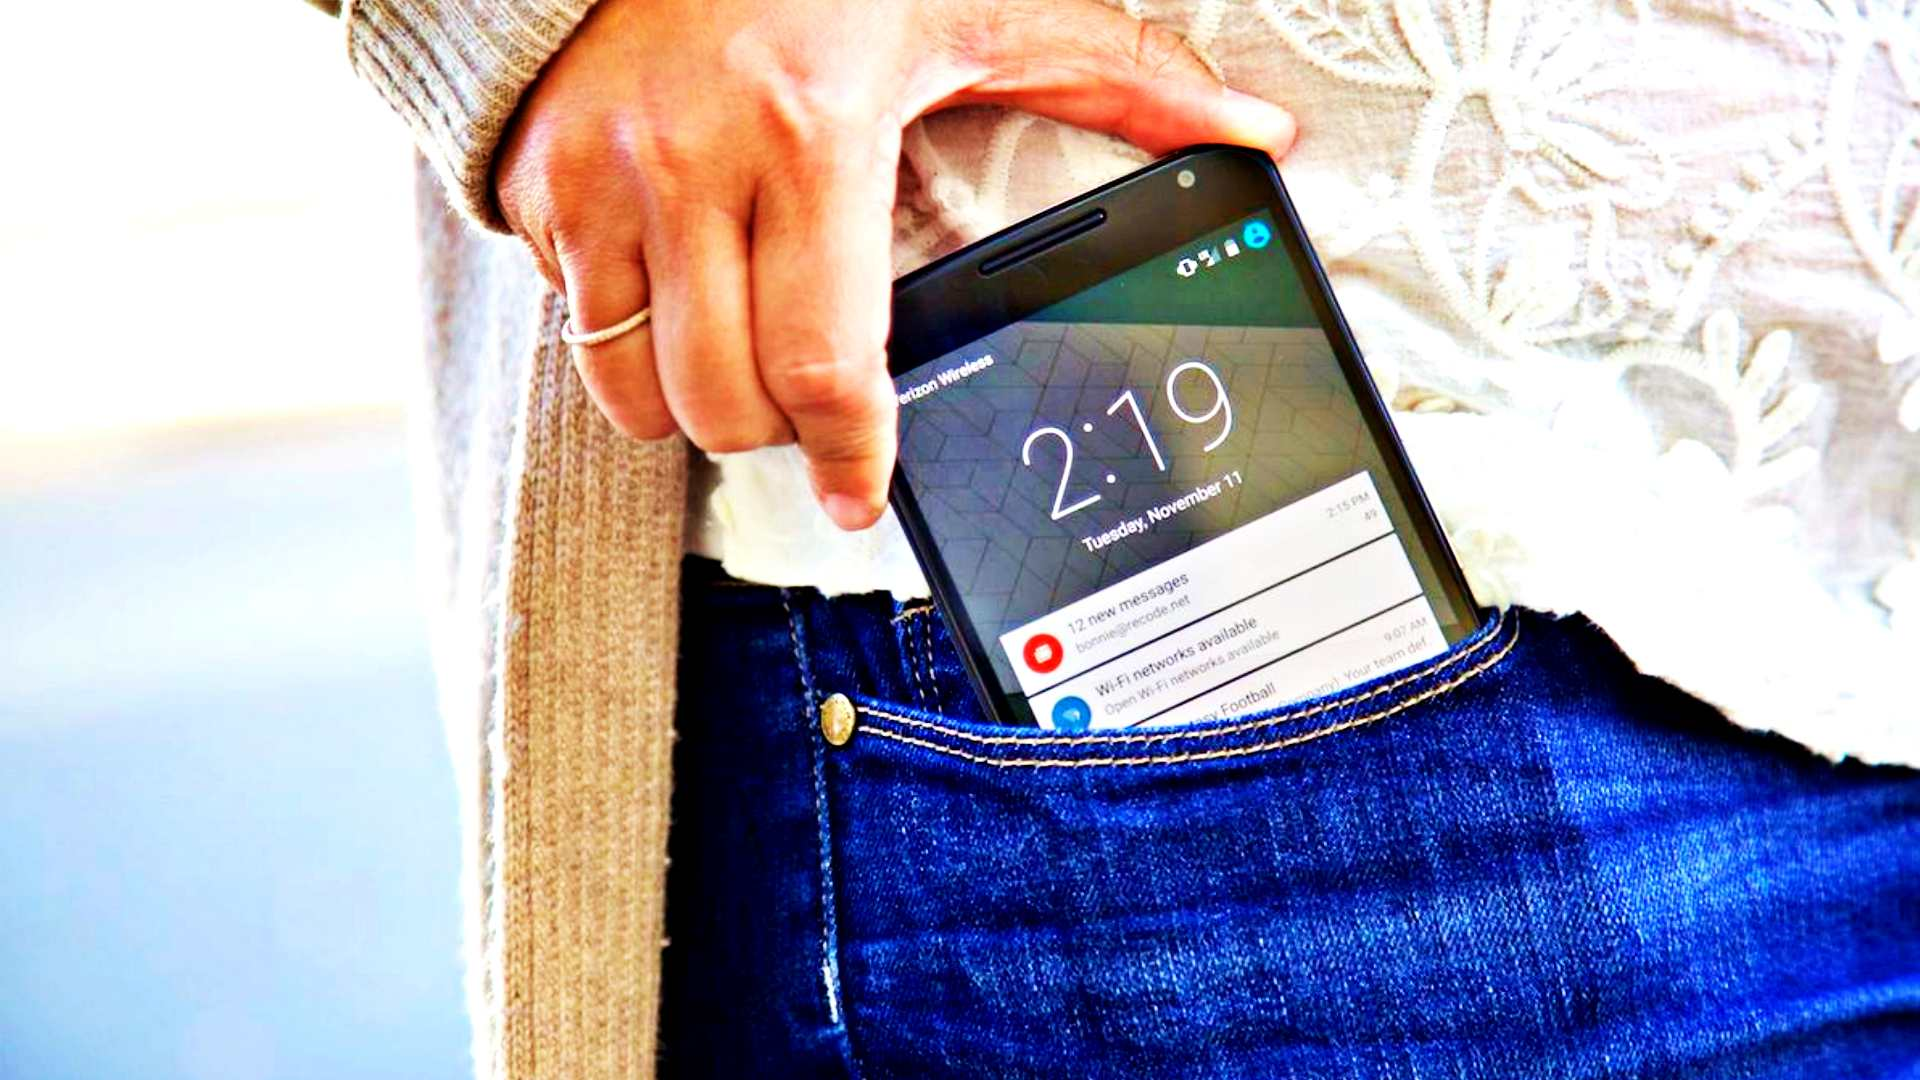 paytechshow uj elektronikus fizetesi megoldasok azonnali fizetes mobilfizetes apple pay